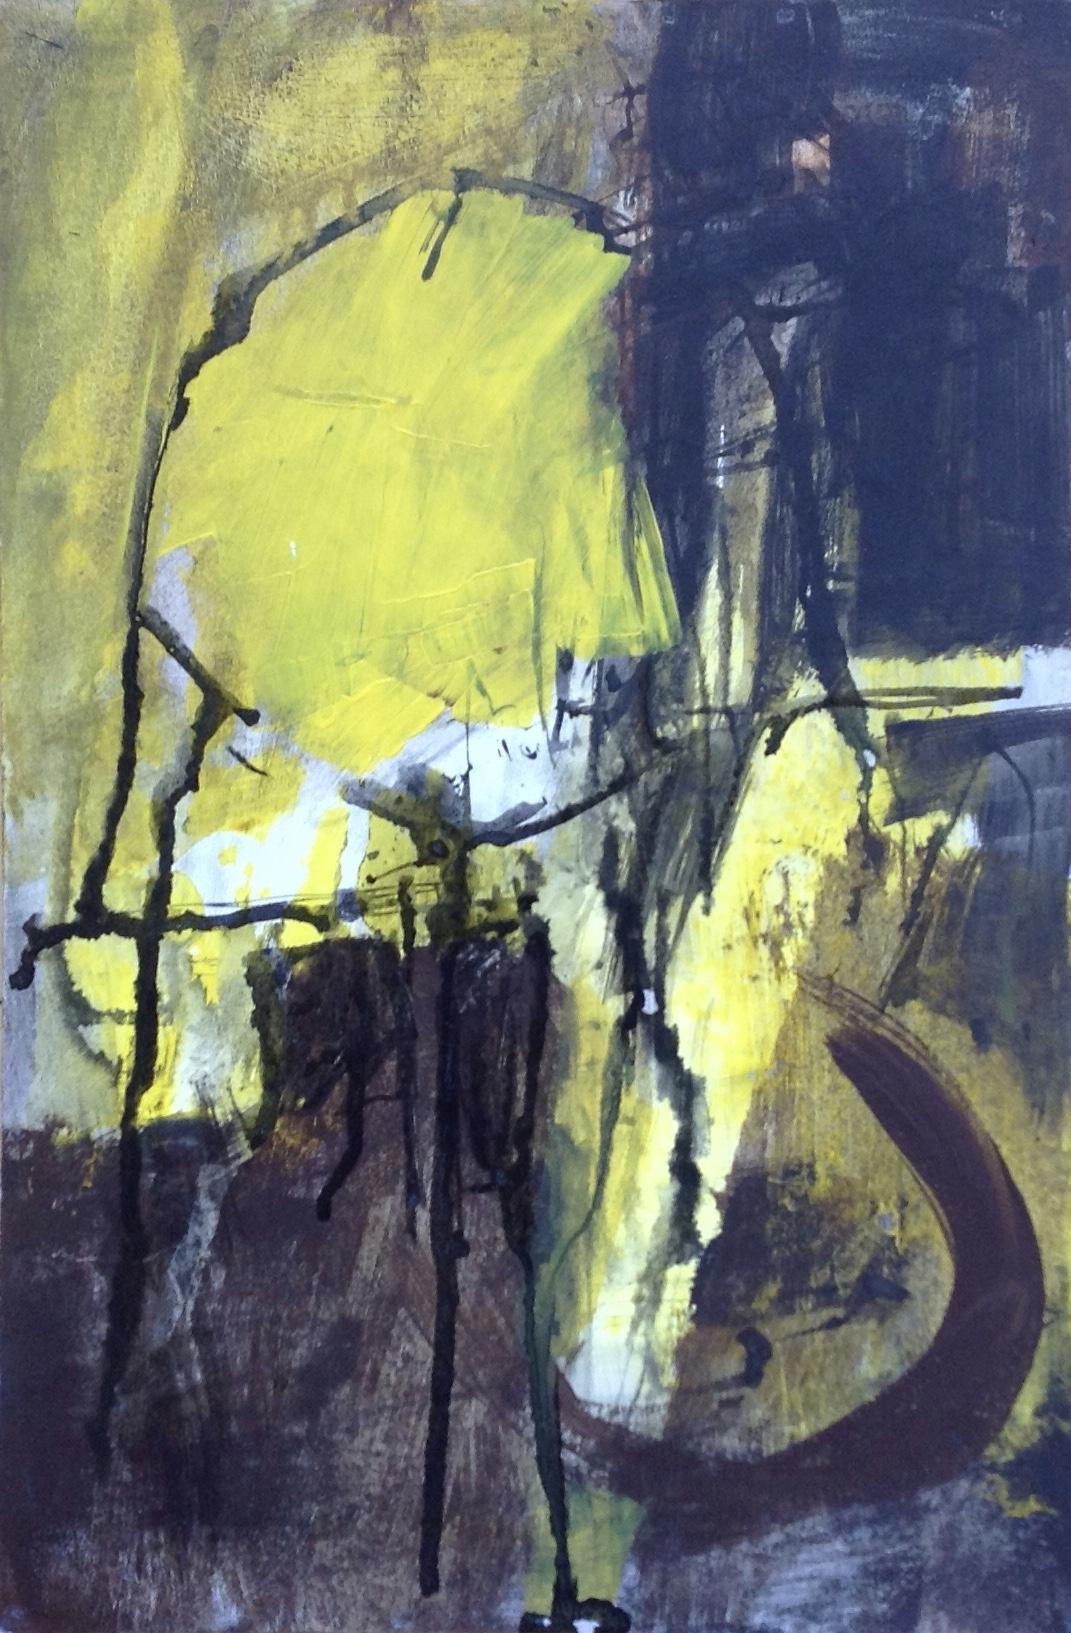 Abstract and Lemon Yellow